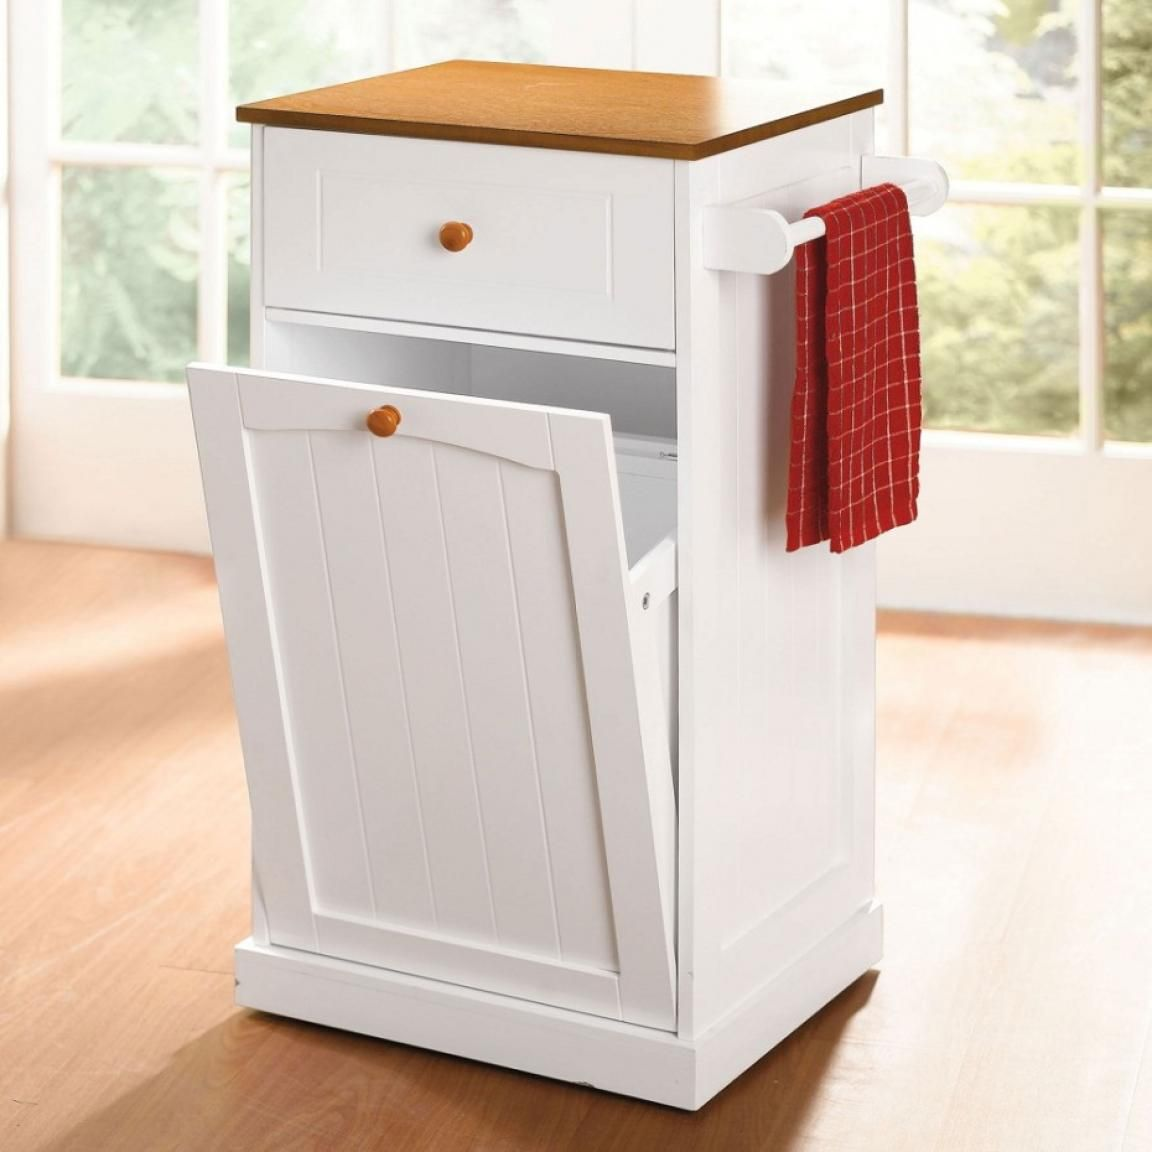 Kitchen Island Cart The Efficient Kitchen Equipment Kitchen Trash Cans Trash Can Cabinet Kitchen Pulls